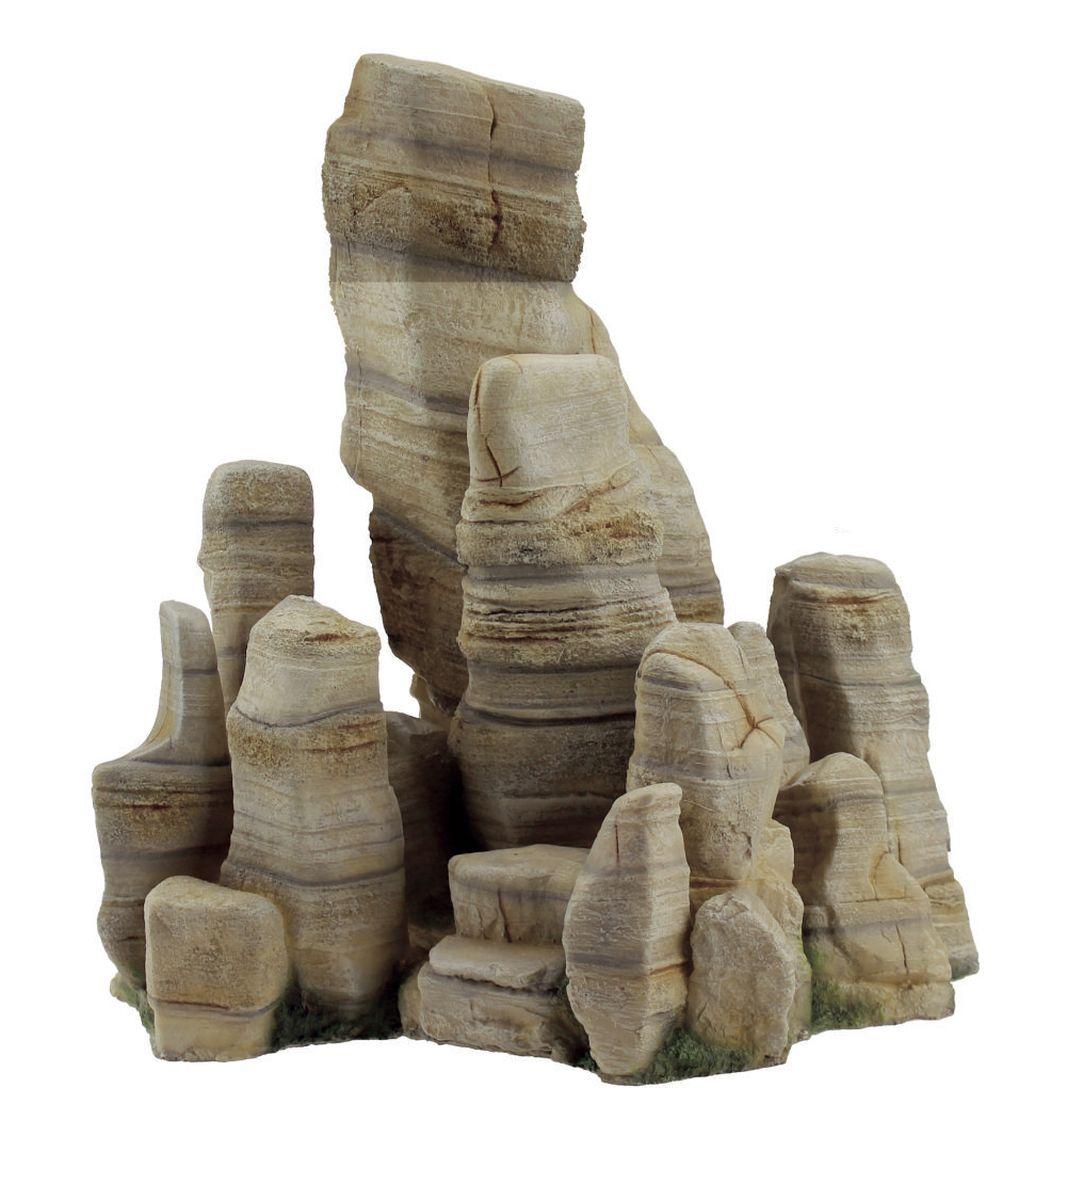 Декорация для аквариума ArtUniq Обтесанные скалы, 28,3 x 19,5 x 30 смART-3116300Декорация для аквариума ArtUniq Обтесанные скалы, 28,3 x 19,5 x 30 см